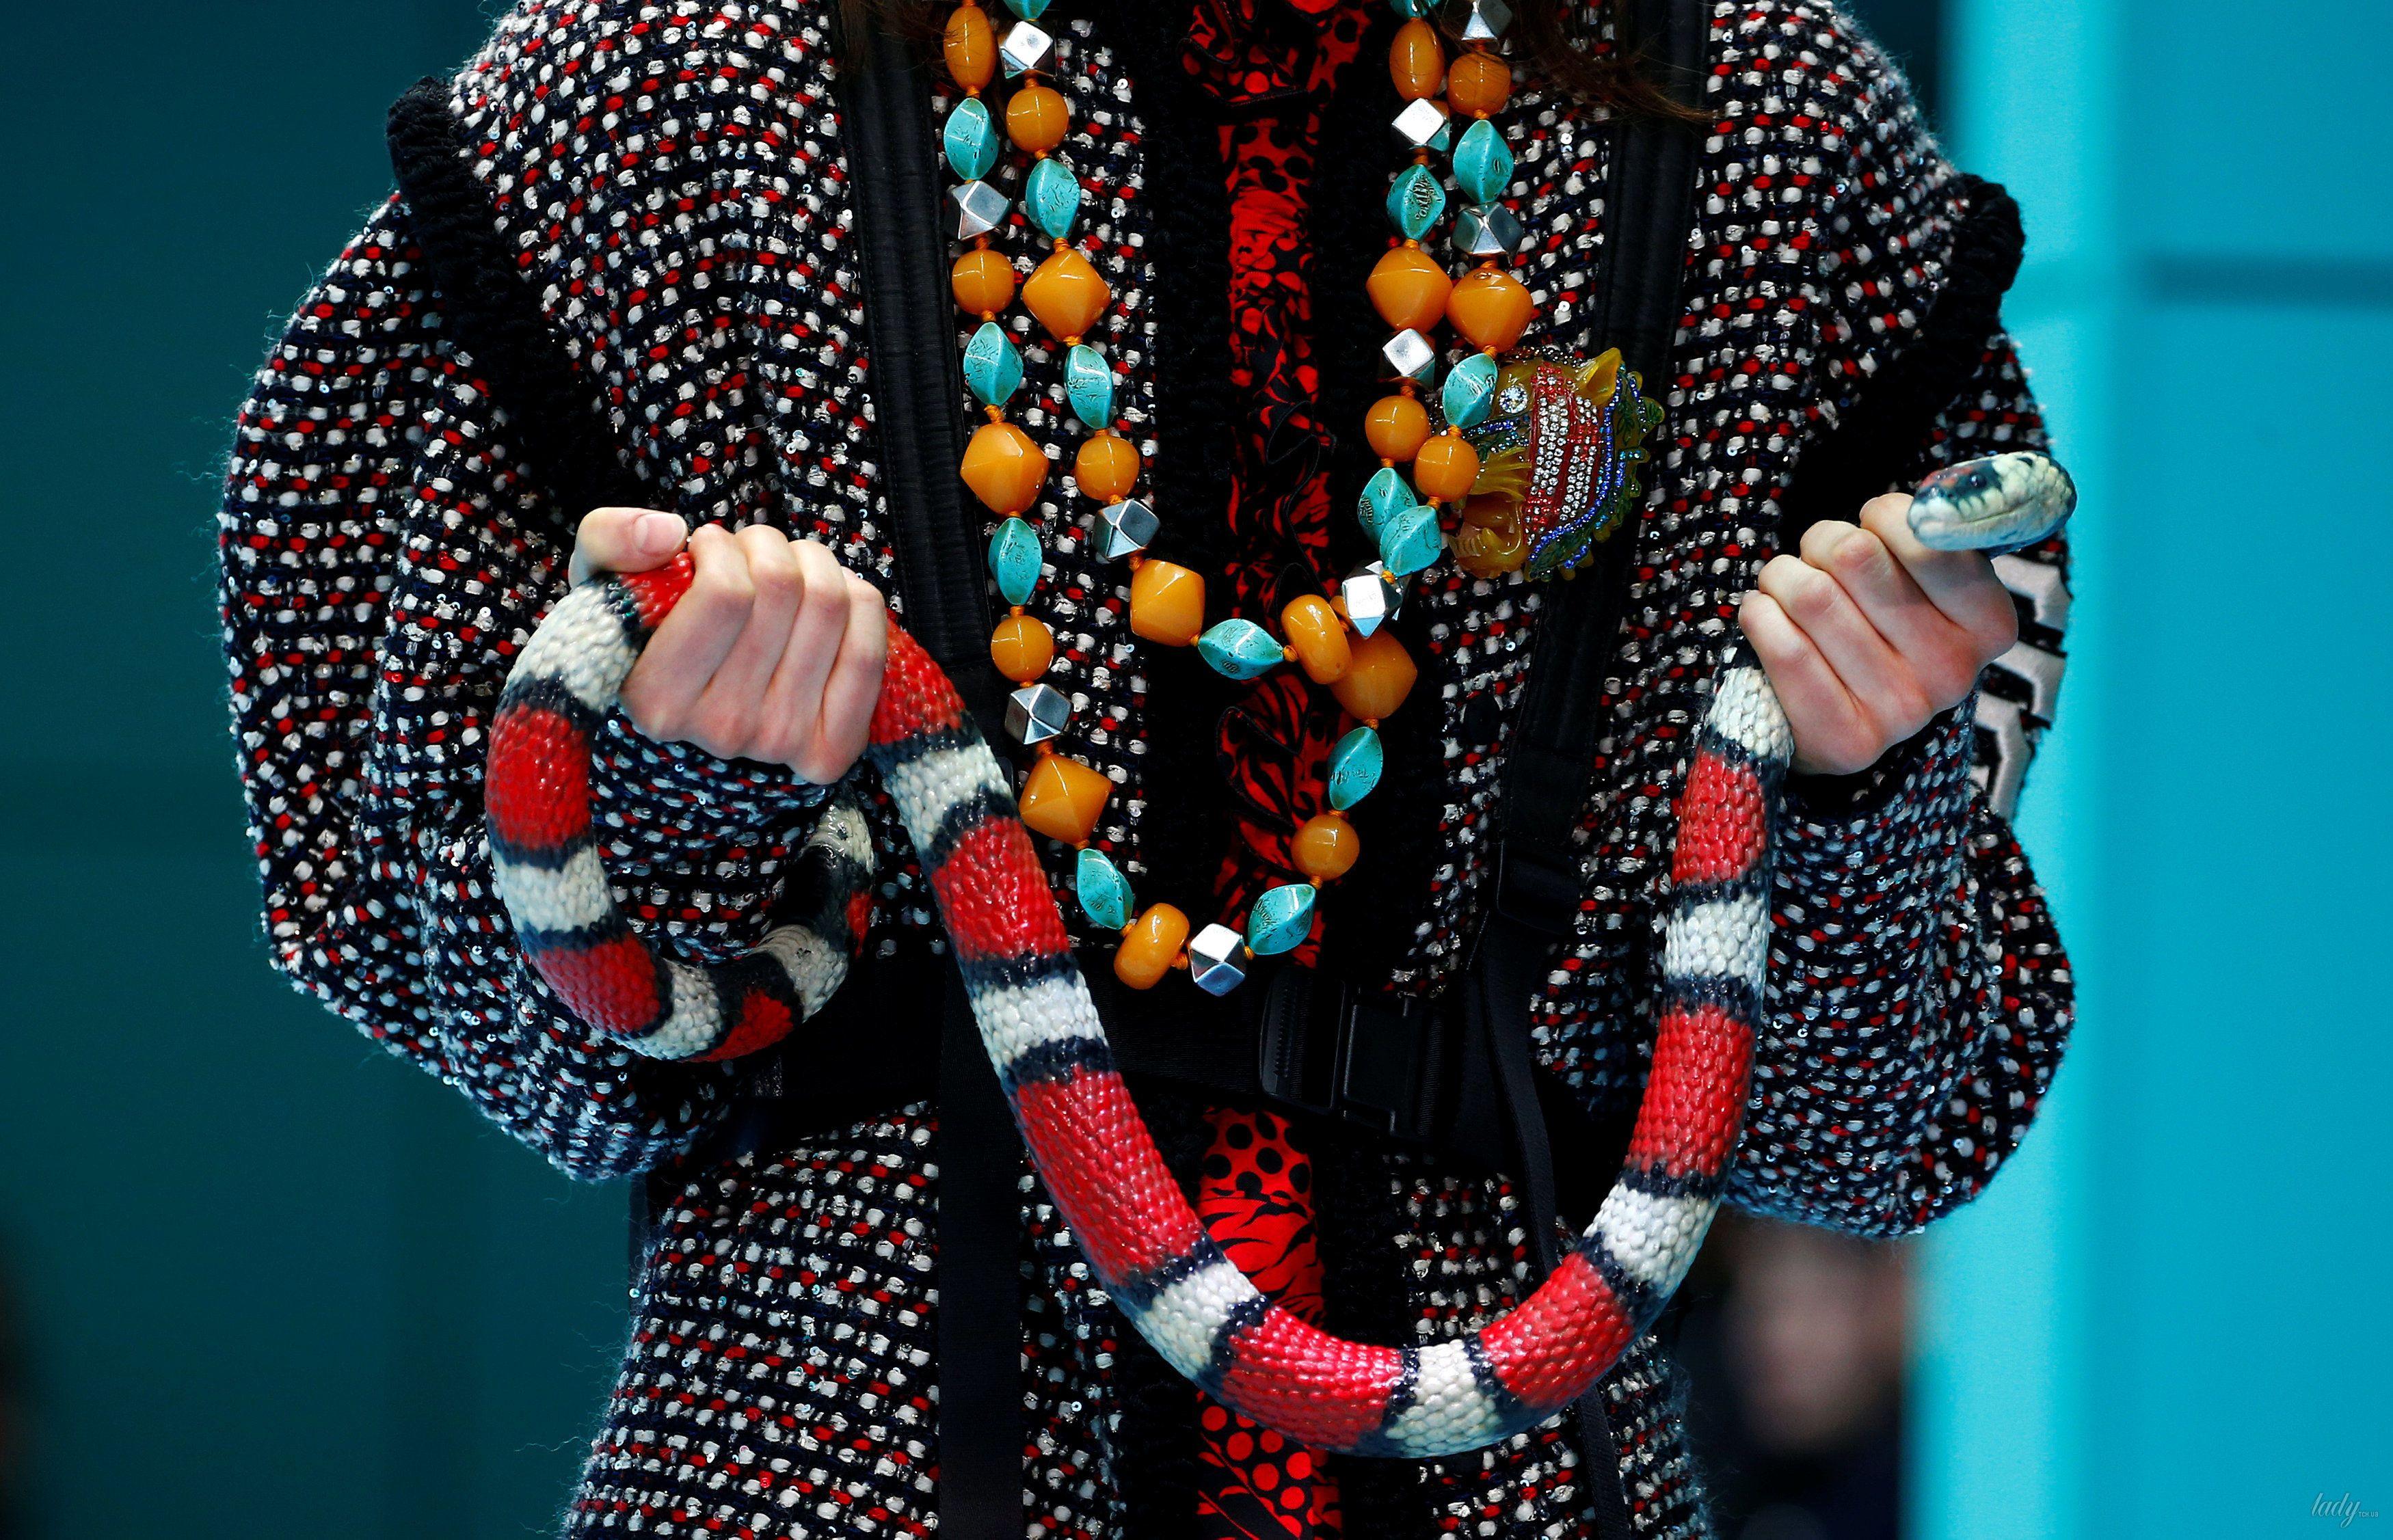 Показ коллекции бренда Gucci в Милане_11